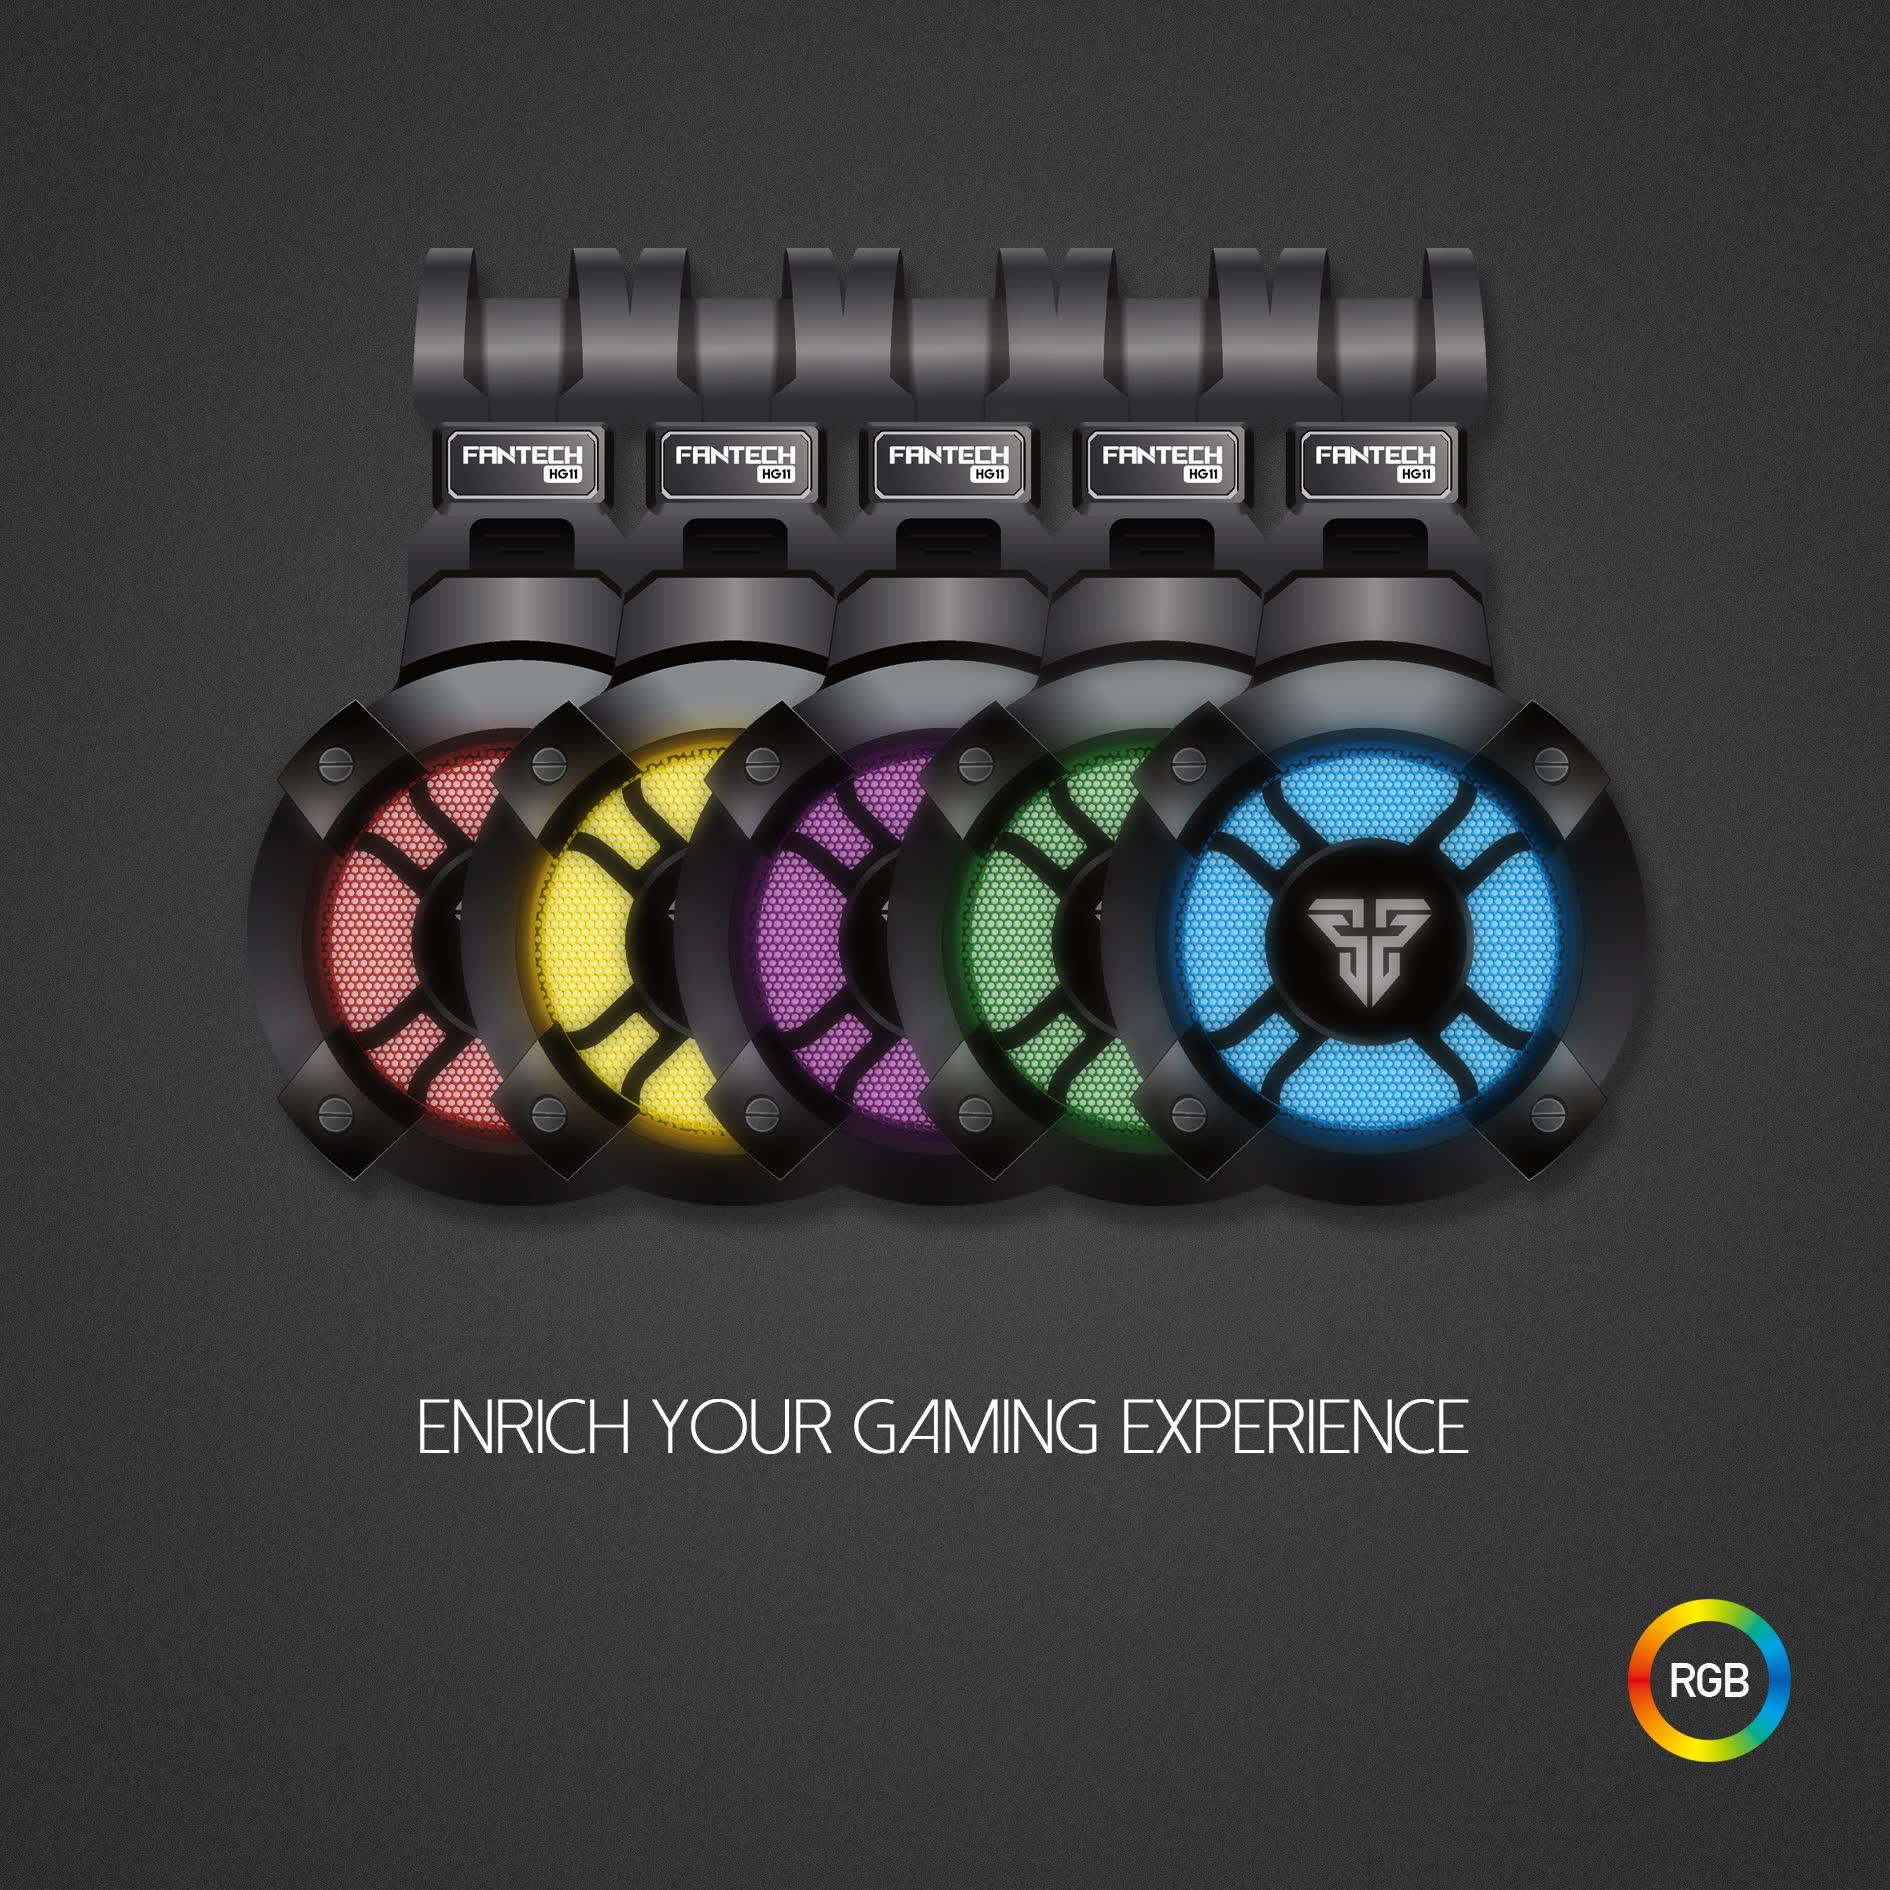 Tai Nghe Chơi Game Nghe Nhạc FANTECH HG11 CAPTAIN 7.1 Có Đèn LED RGB Âm Thanh Vòm 7.1 Kết Nối Qua Cổng USB - Hàng Chính Hãng